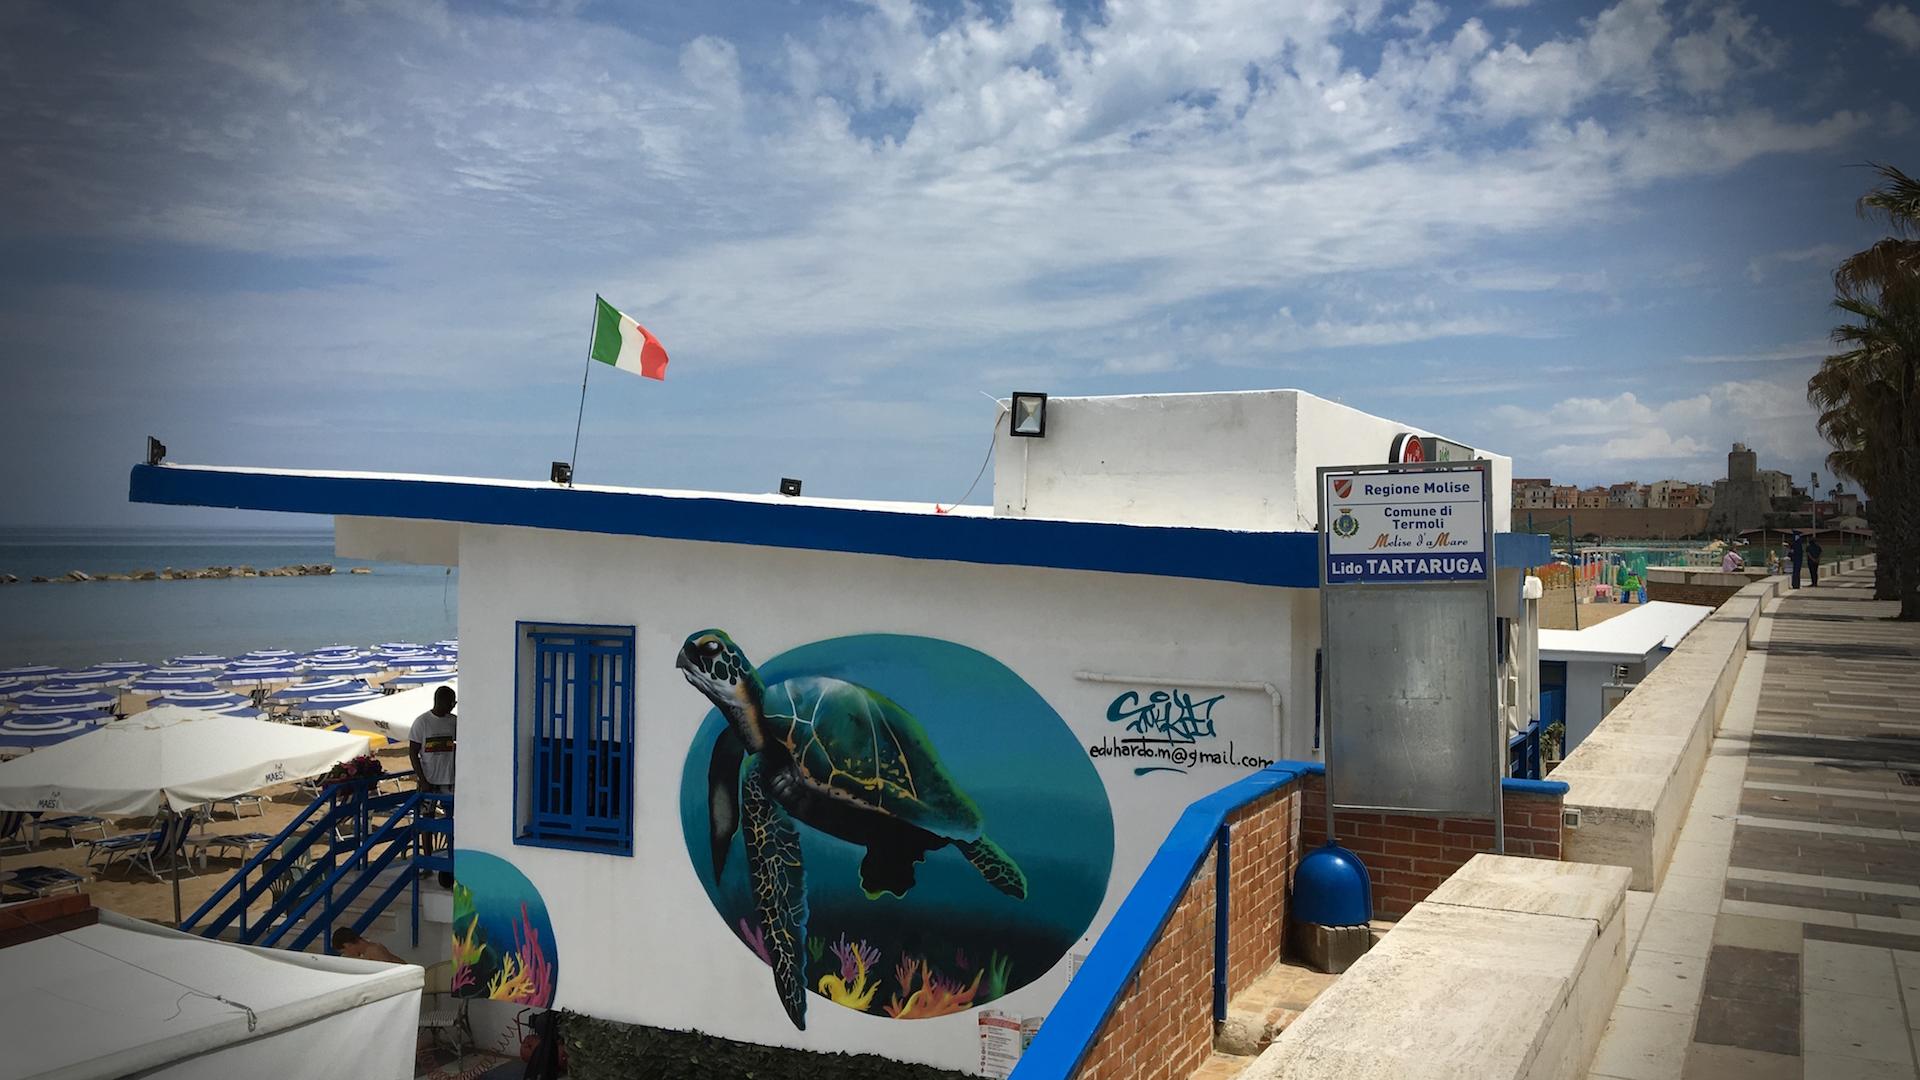 Lido tartaruga azienda autonoma di soggiorno e turismo for Azienda soggiorno e turismo termoli